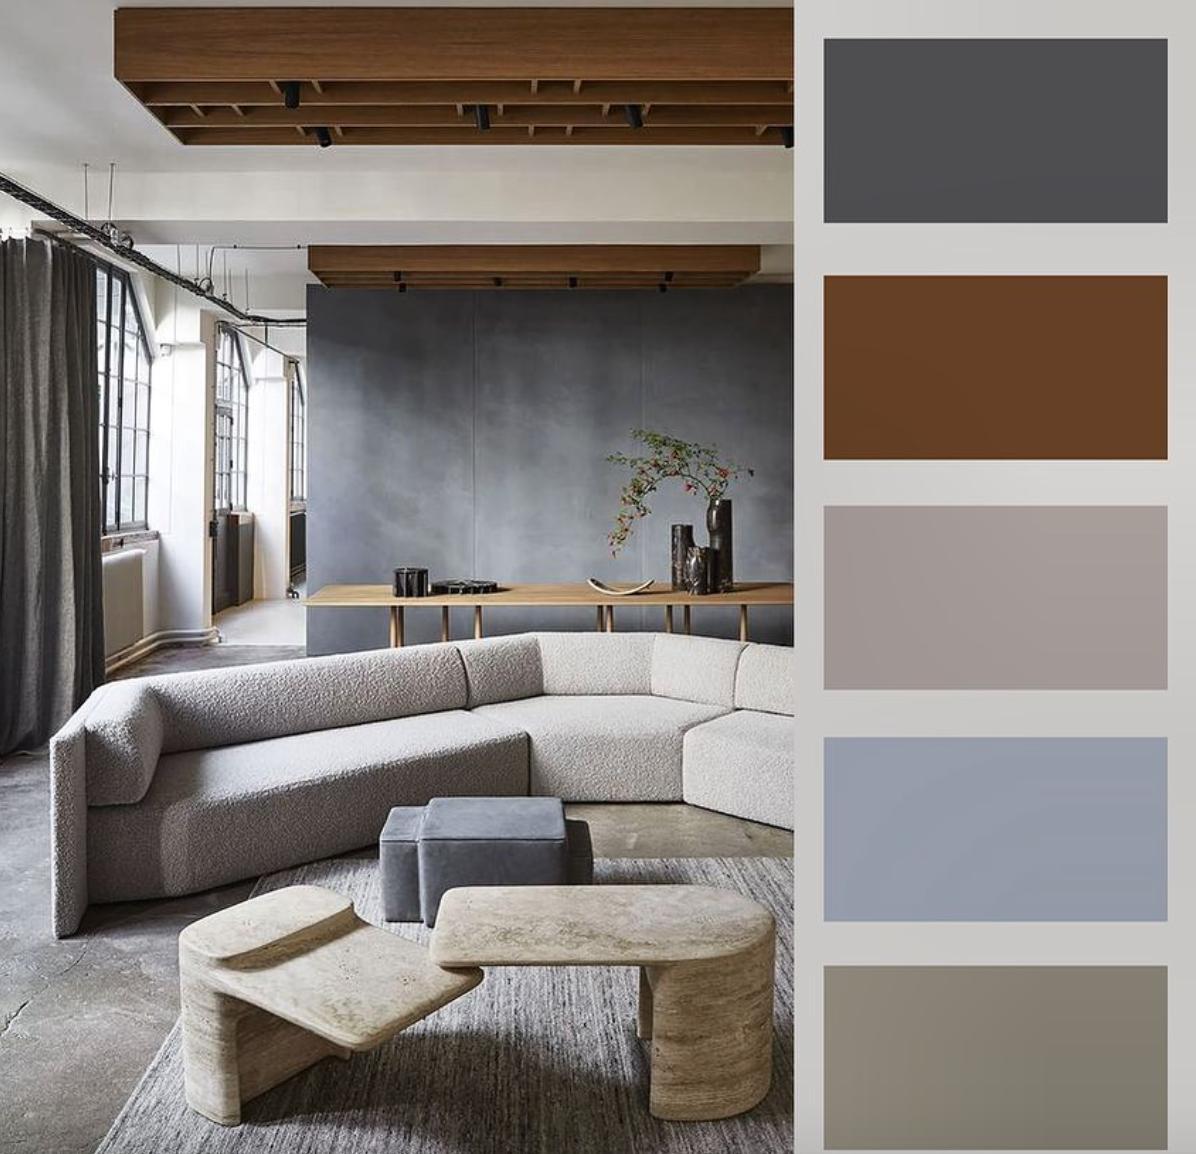 Farebné kombinácie - inšpirácie do interiéru - Obrázok č. 69